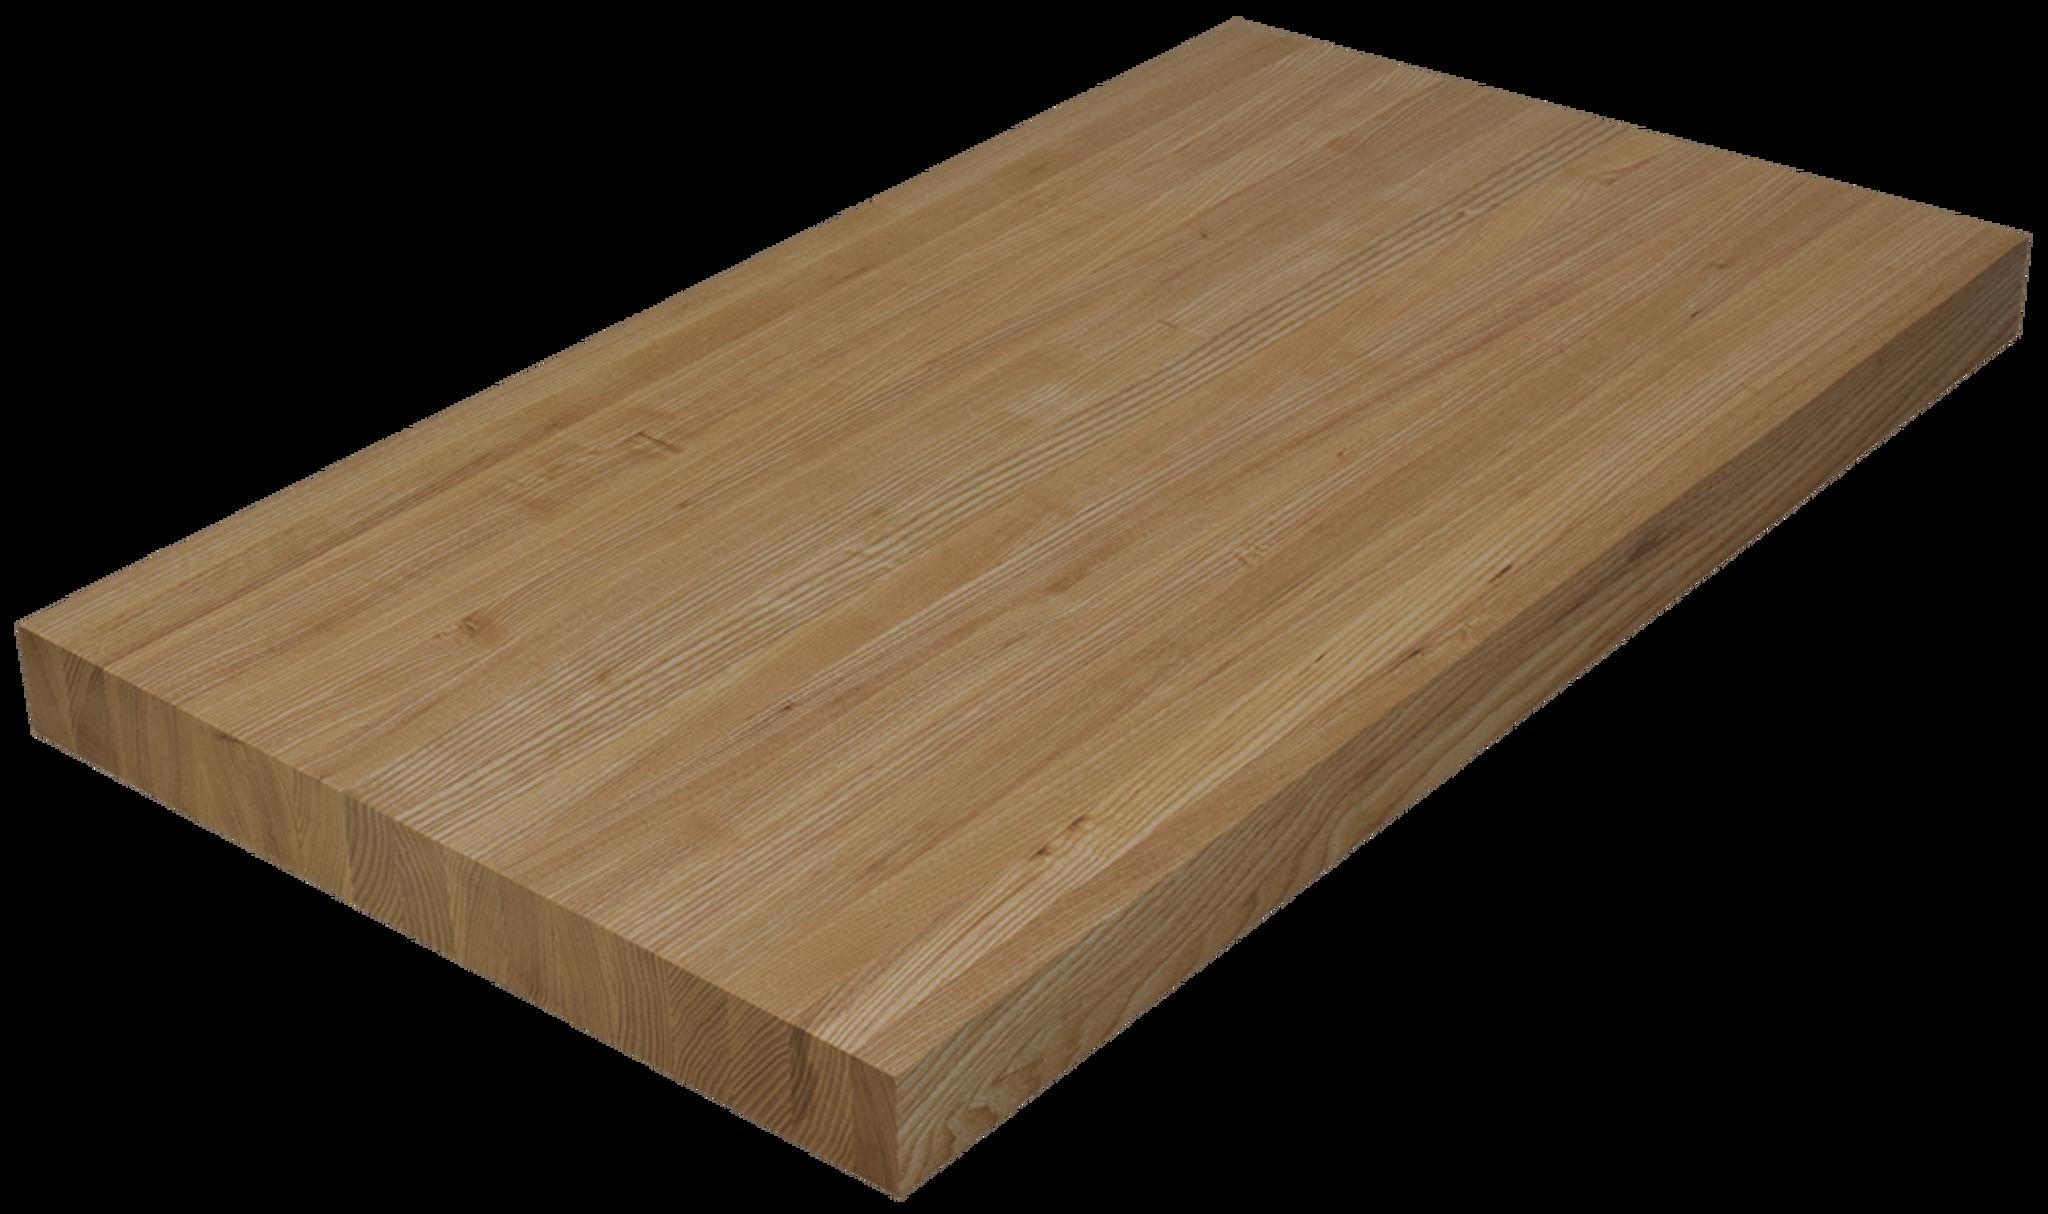 Ash Edge Grain Butcher Block Countertop Hardwood Lumber